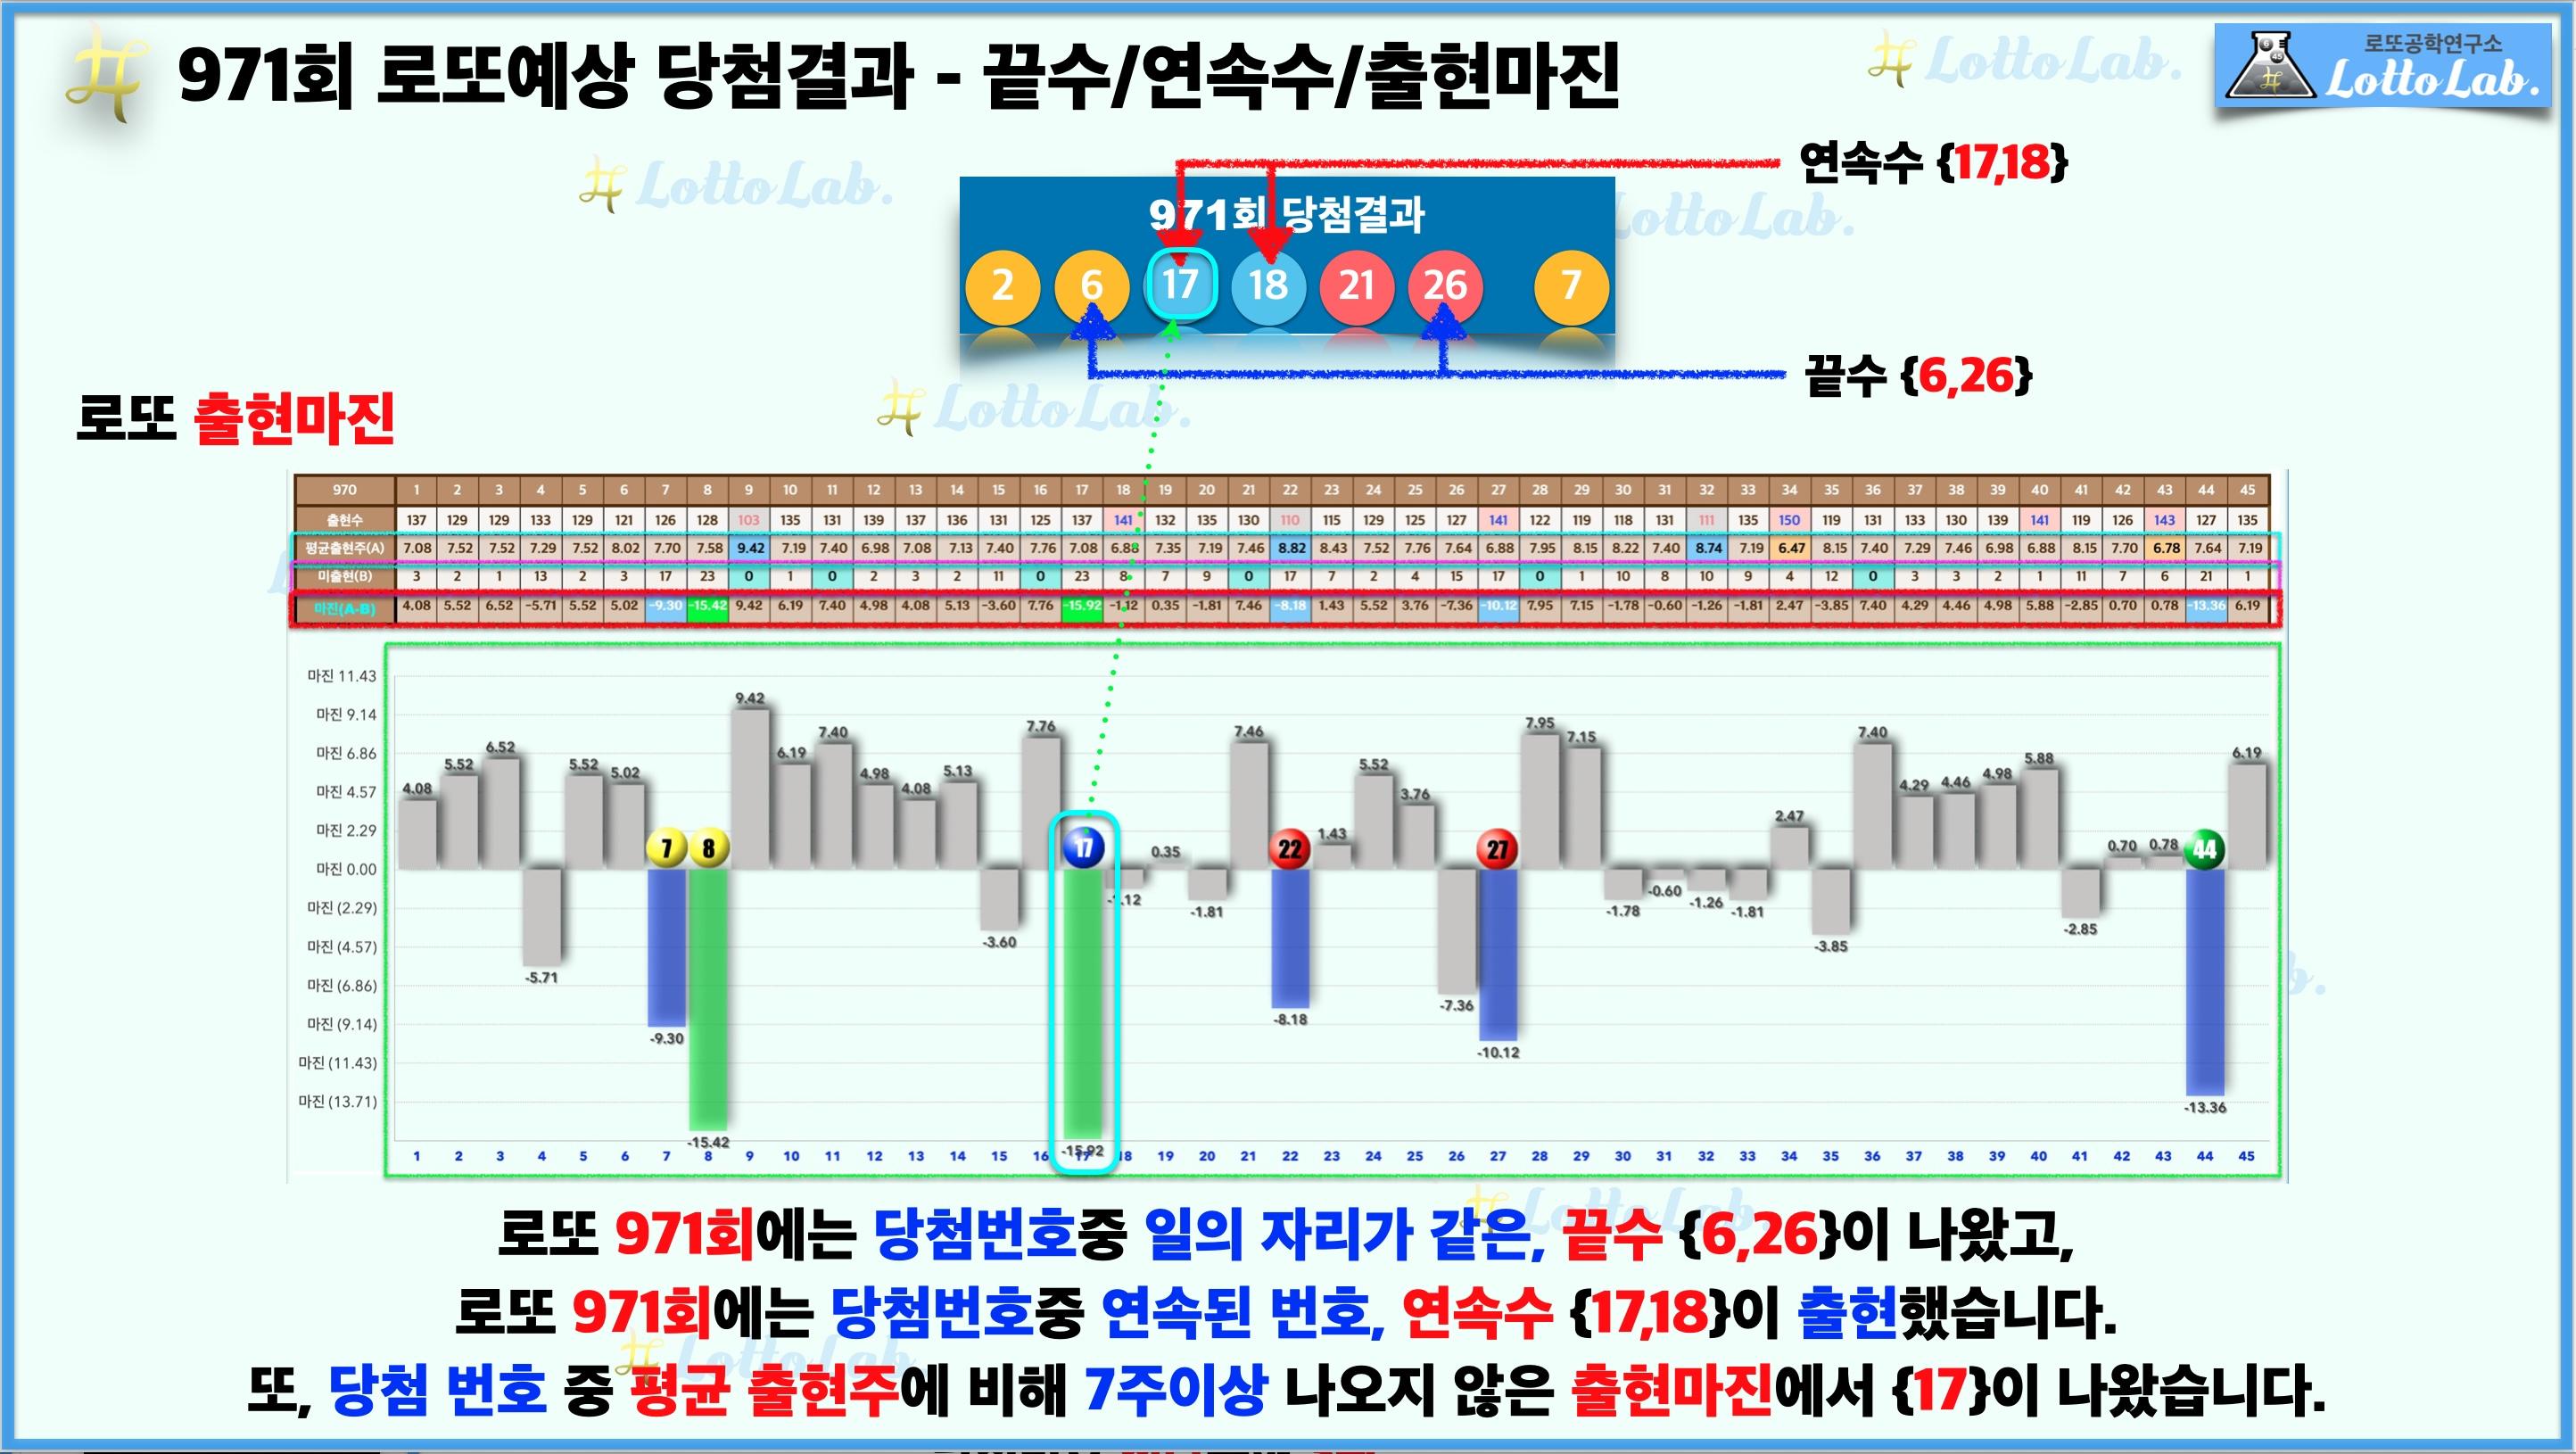 로또랩 로또971 예상결과 - 끝수 연속수 출현마진